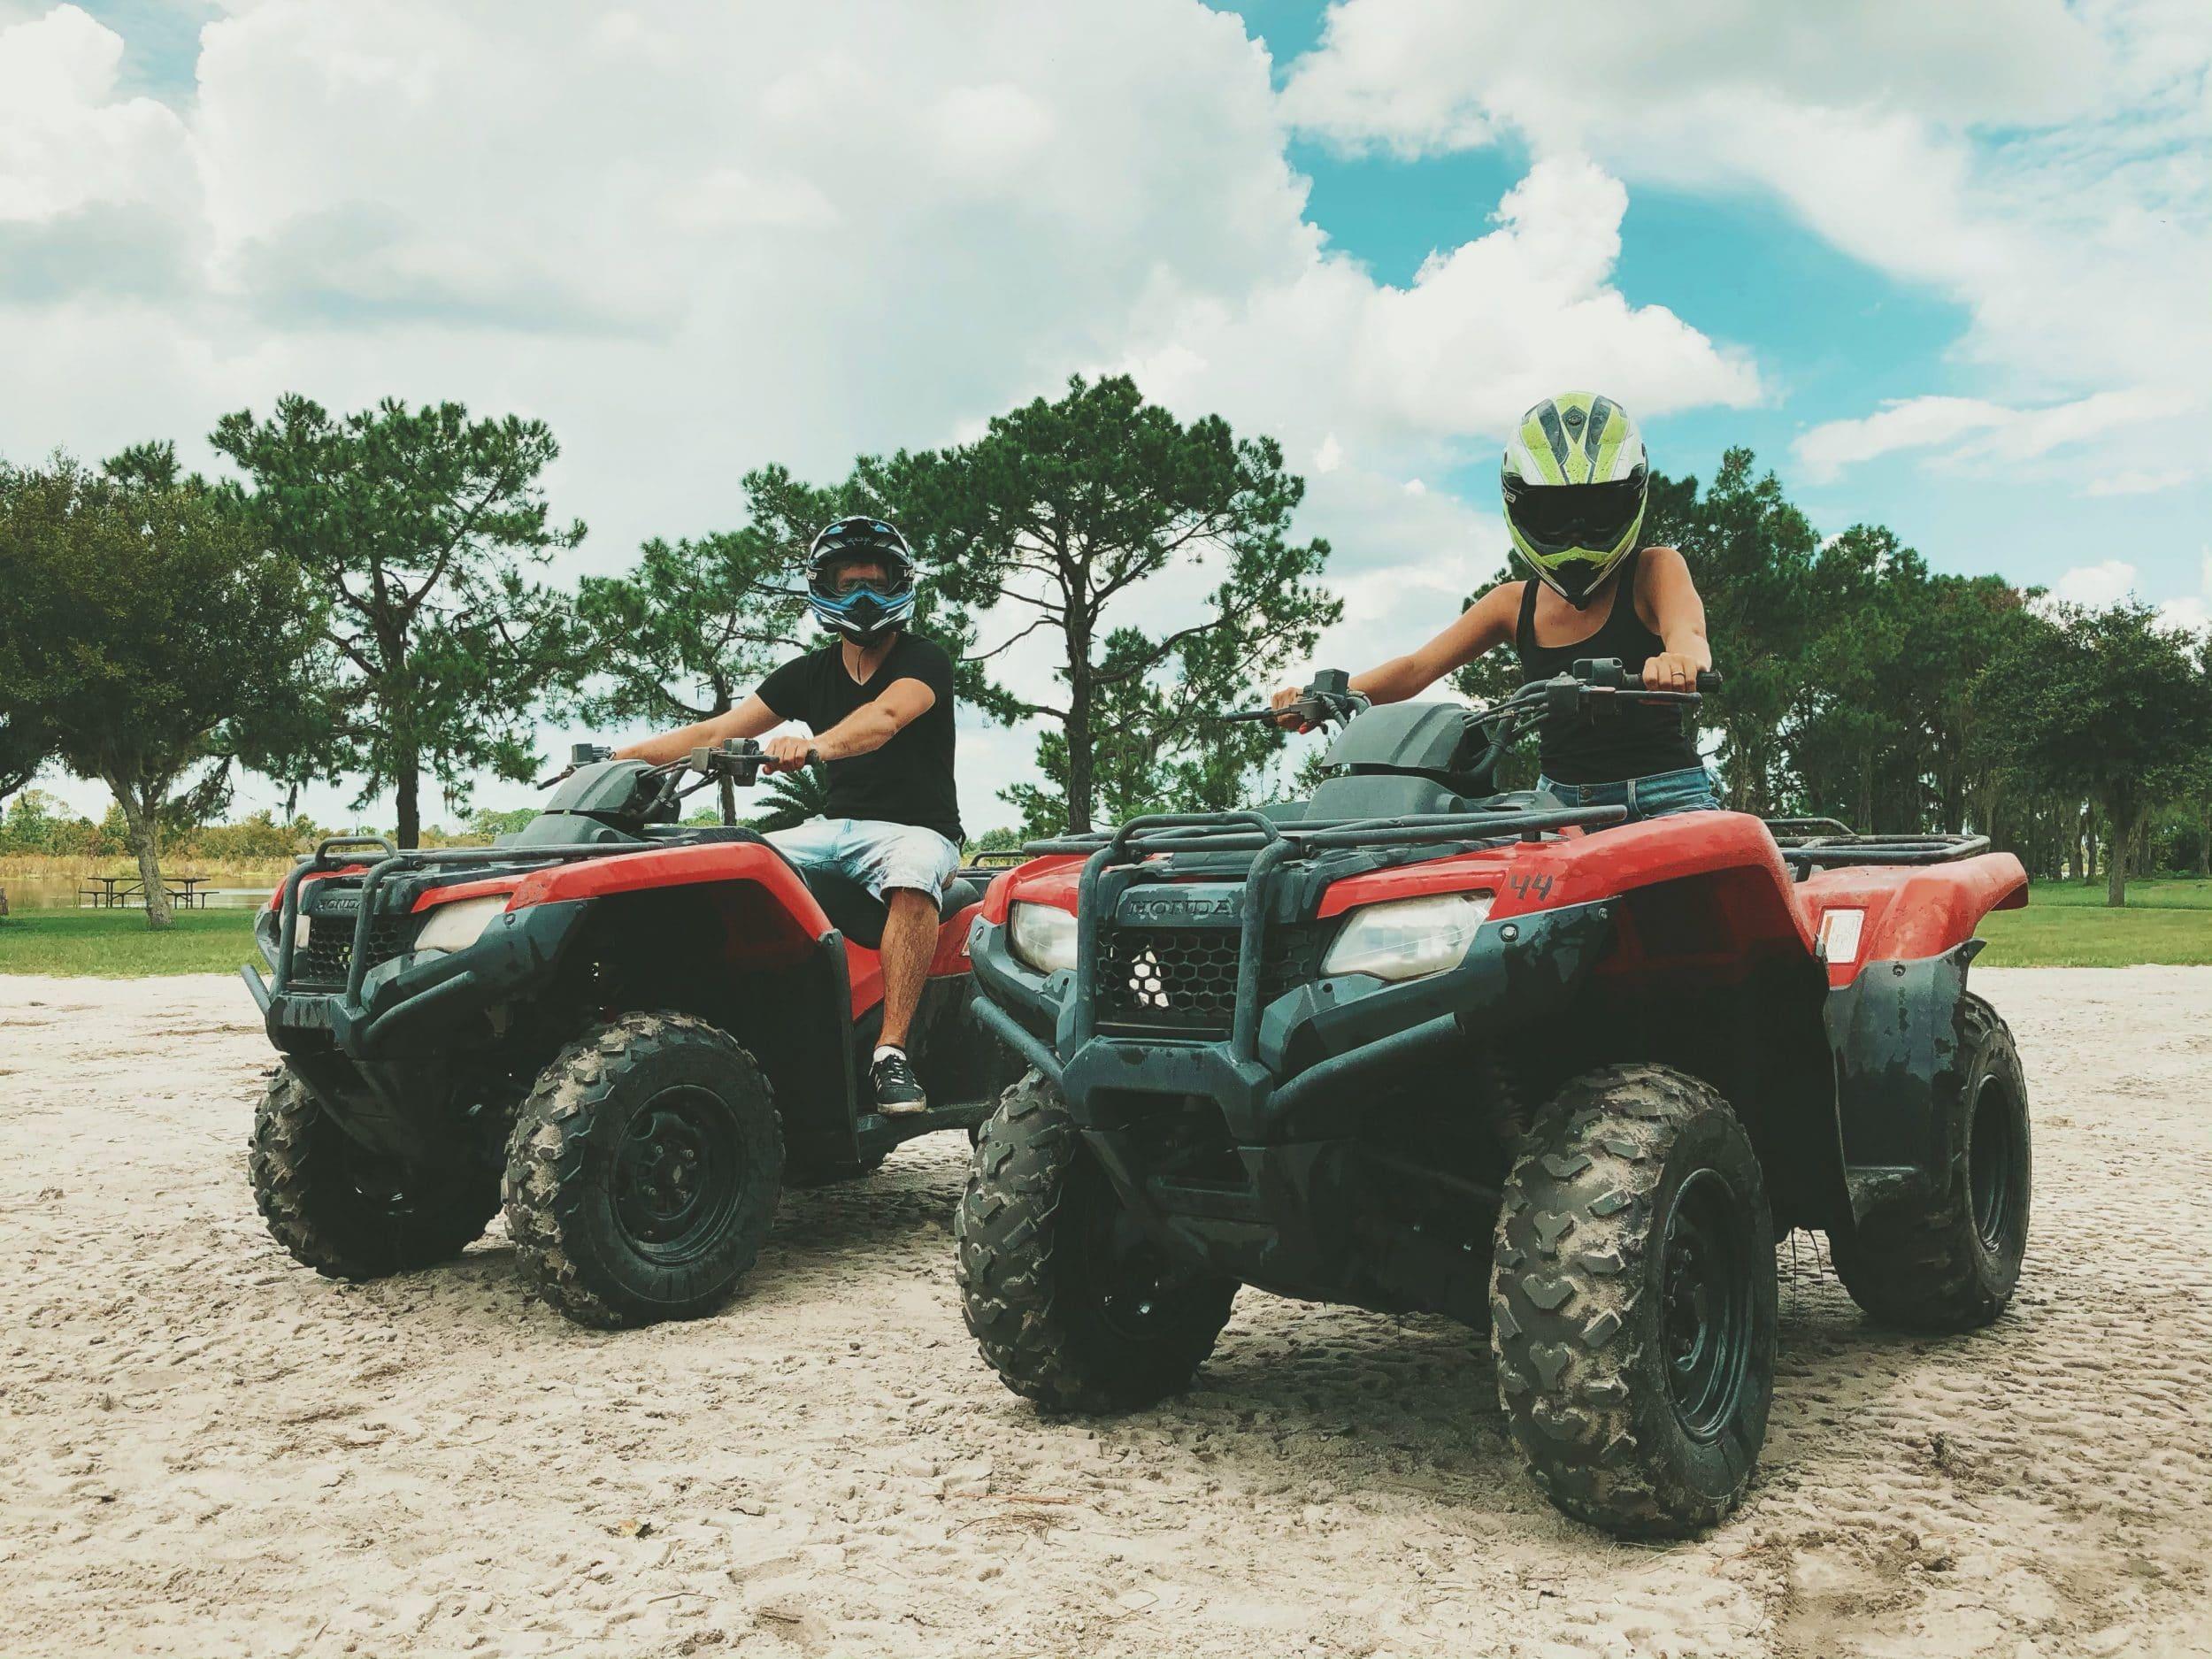 quad rijden op vakantie